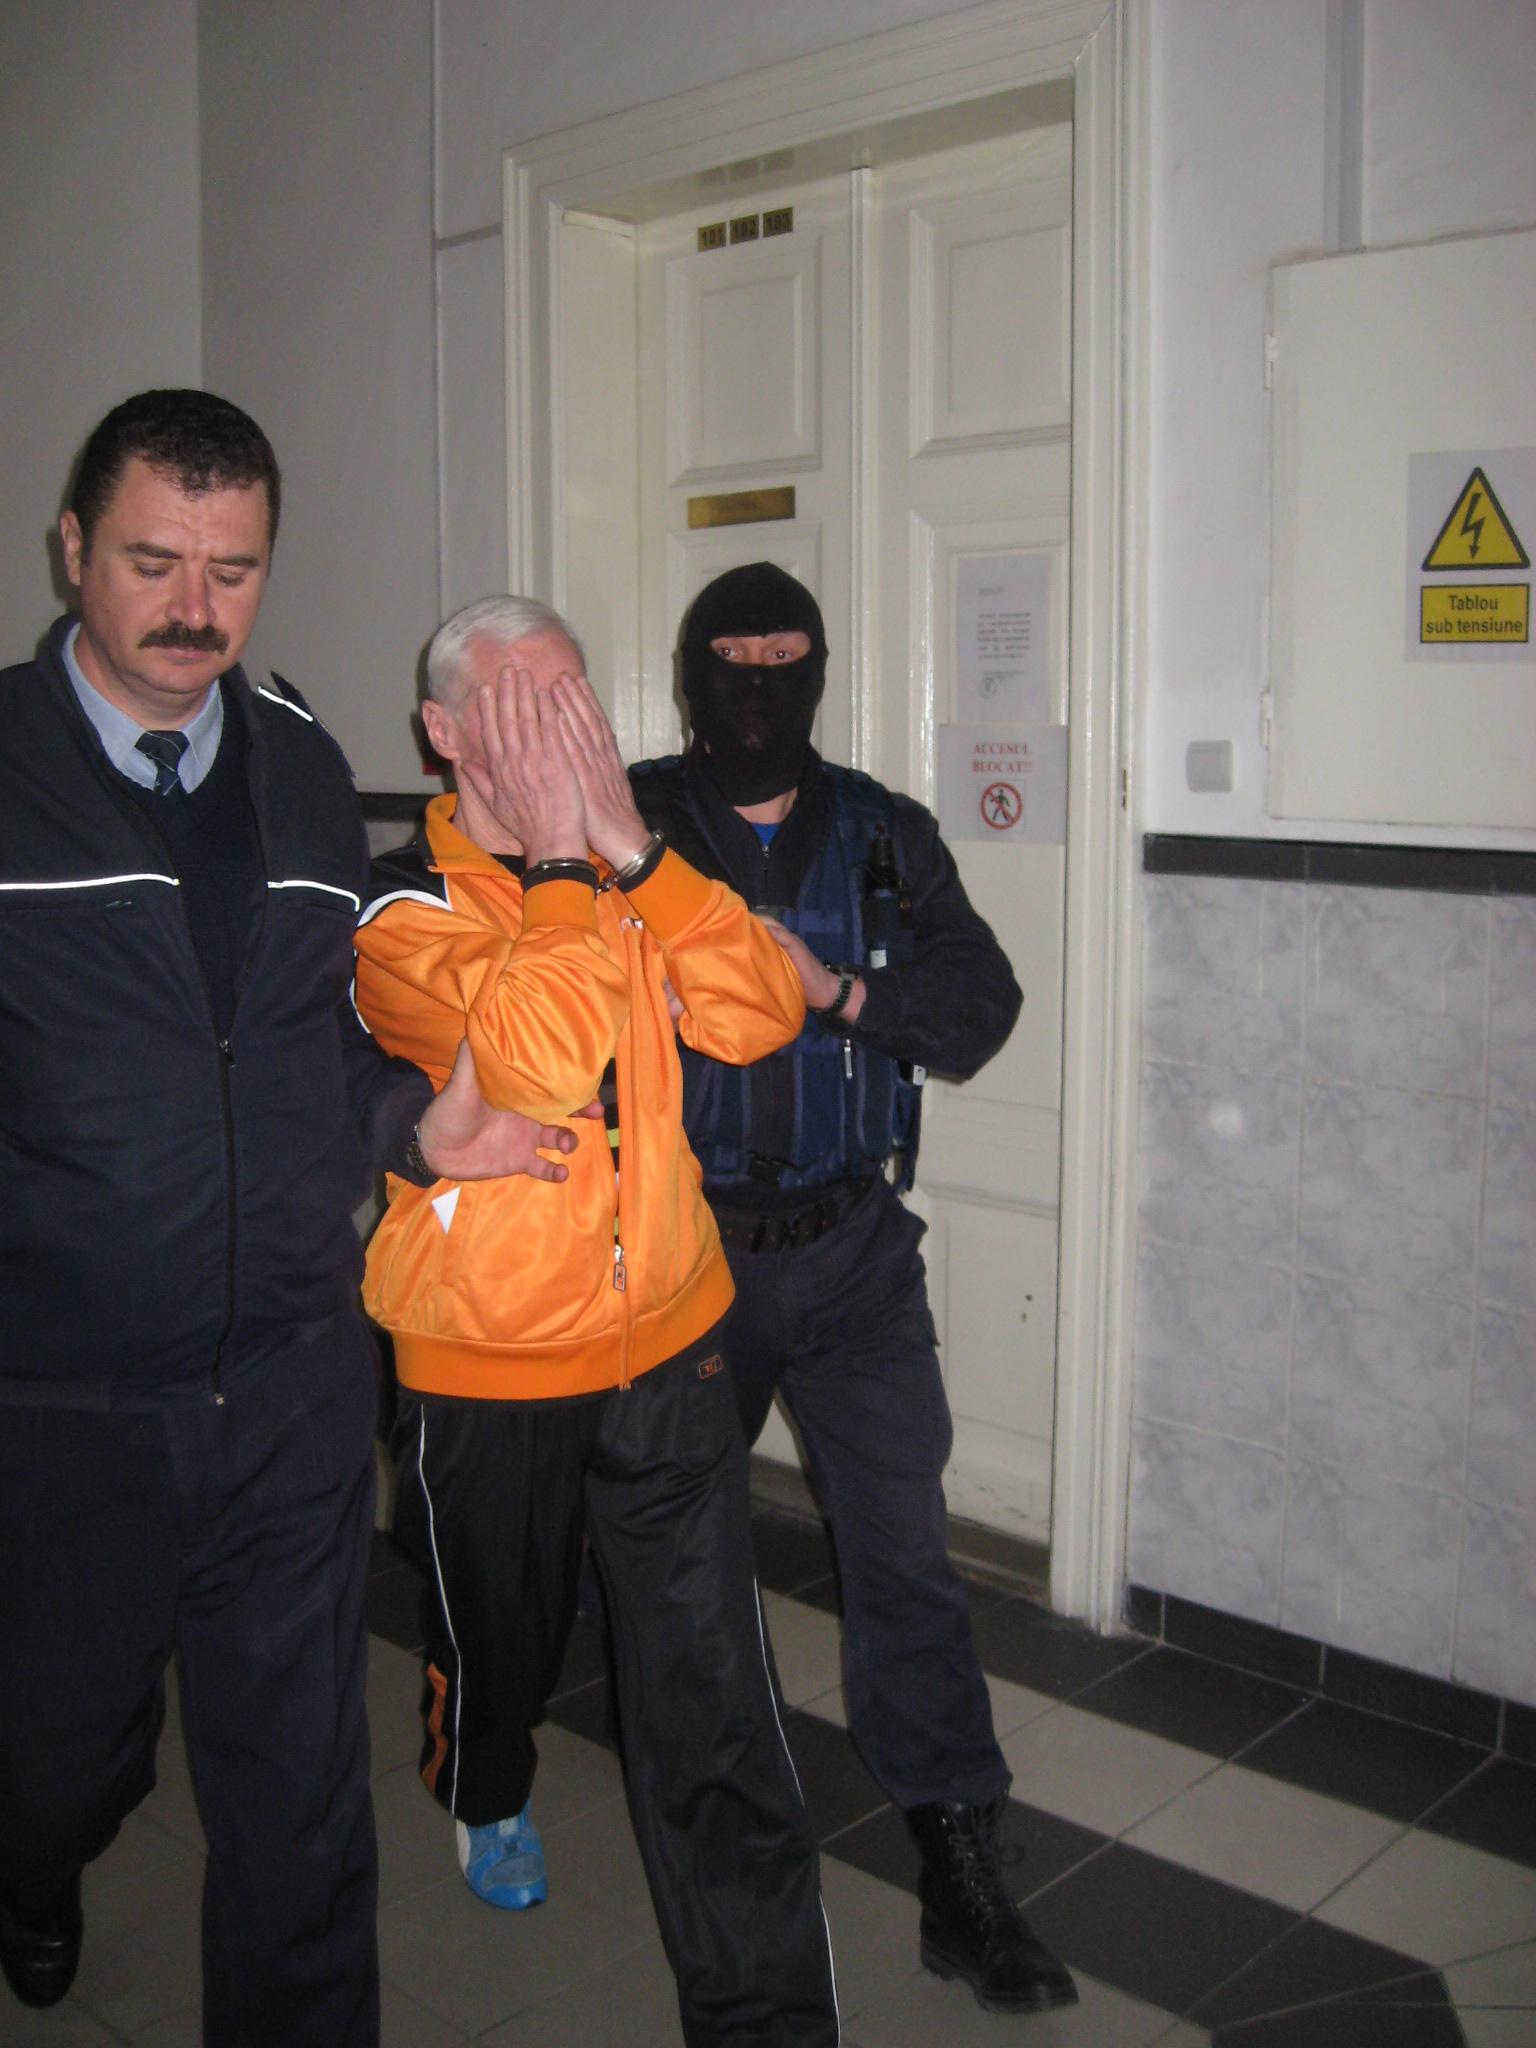 Judecata lui Toma. Un aradean condamnat pentru trei asasinate mai recunoaste doua crime oribile